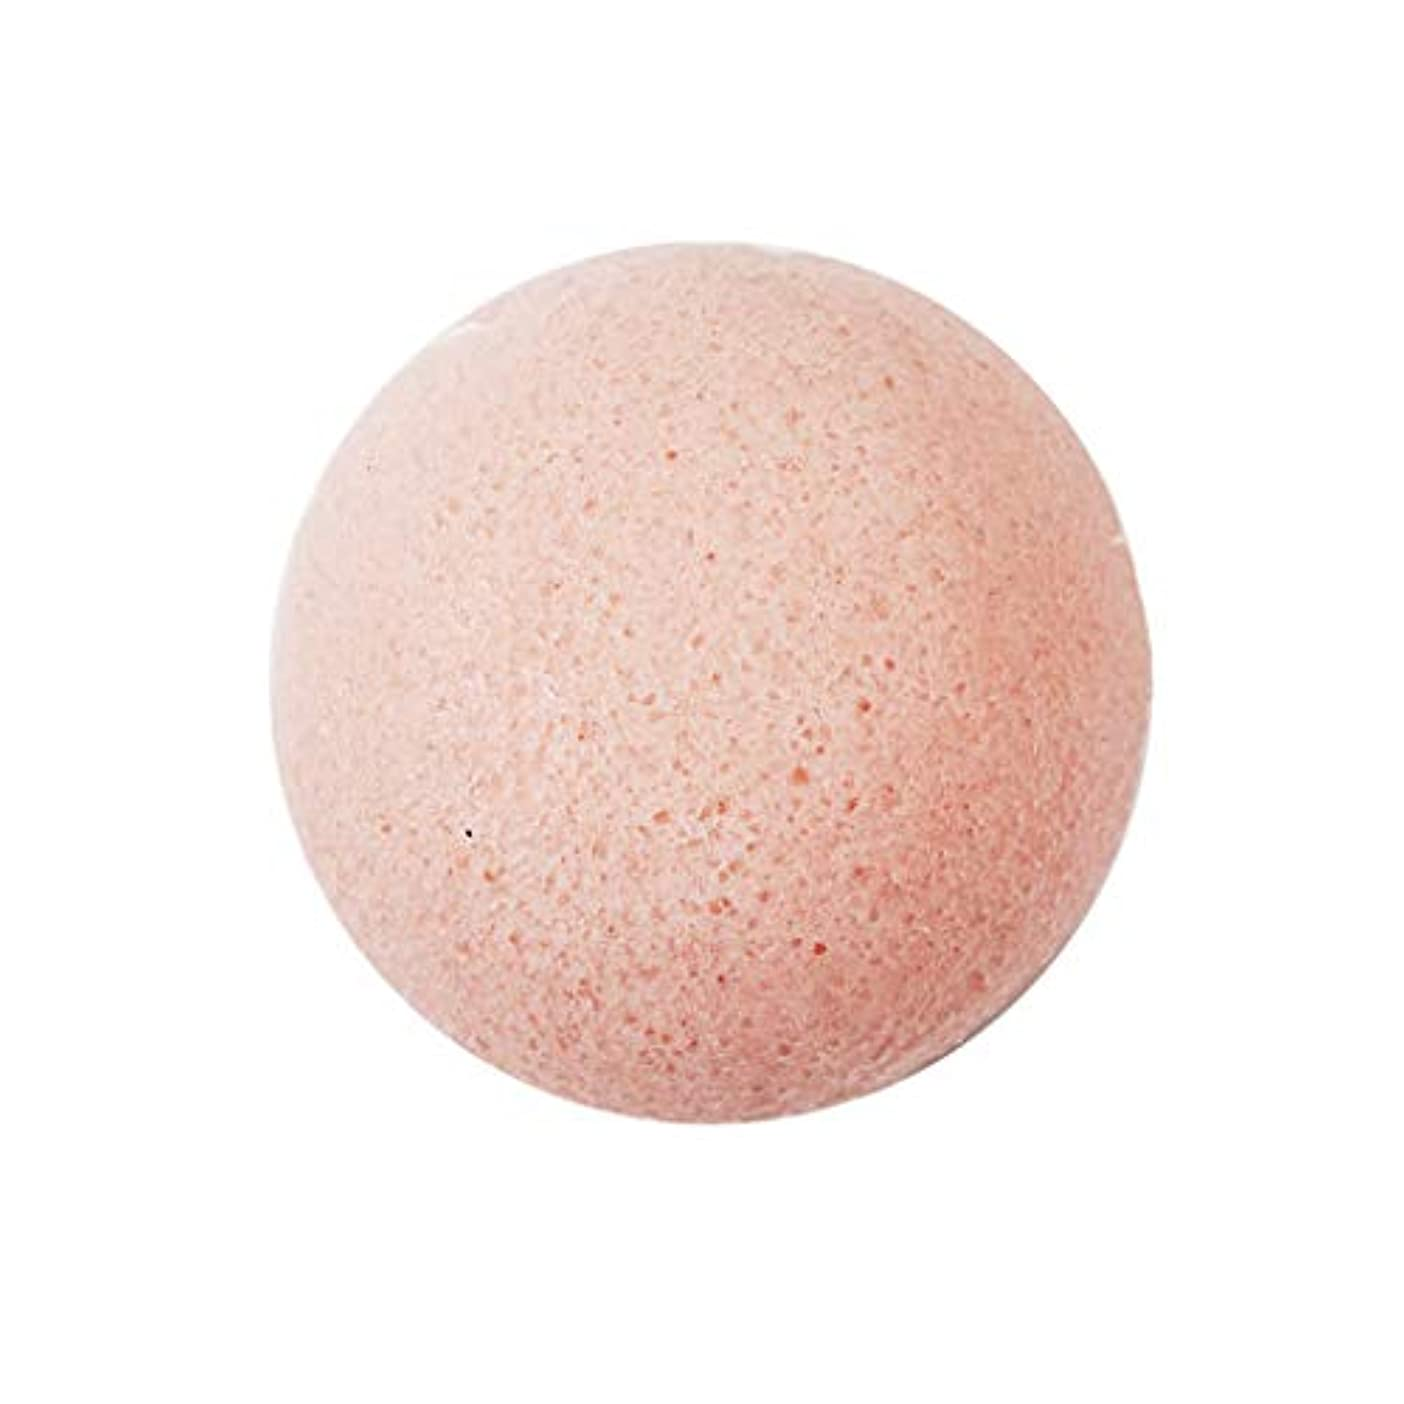 きょうだい日付薬理学D DOLITY こんにゃく フェイシャルスポンジ 洗顔用 パフ フェイススポンジ マッサージ 汚れ 油 - ピンク